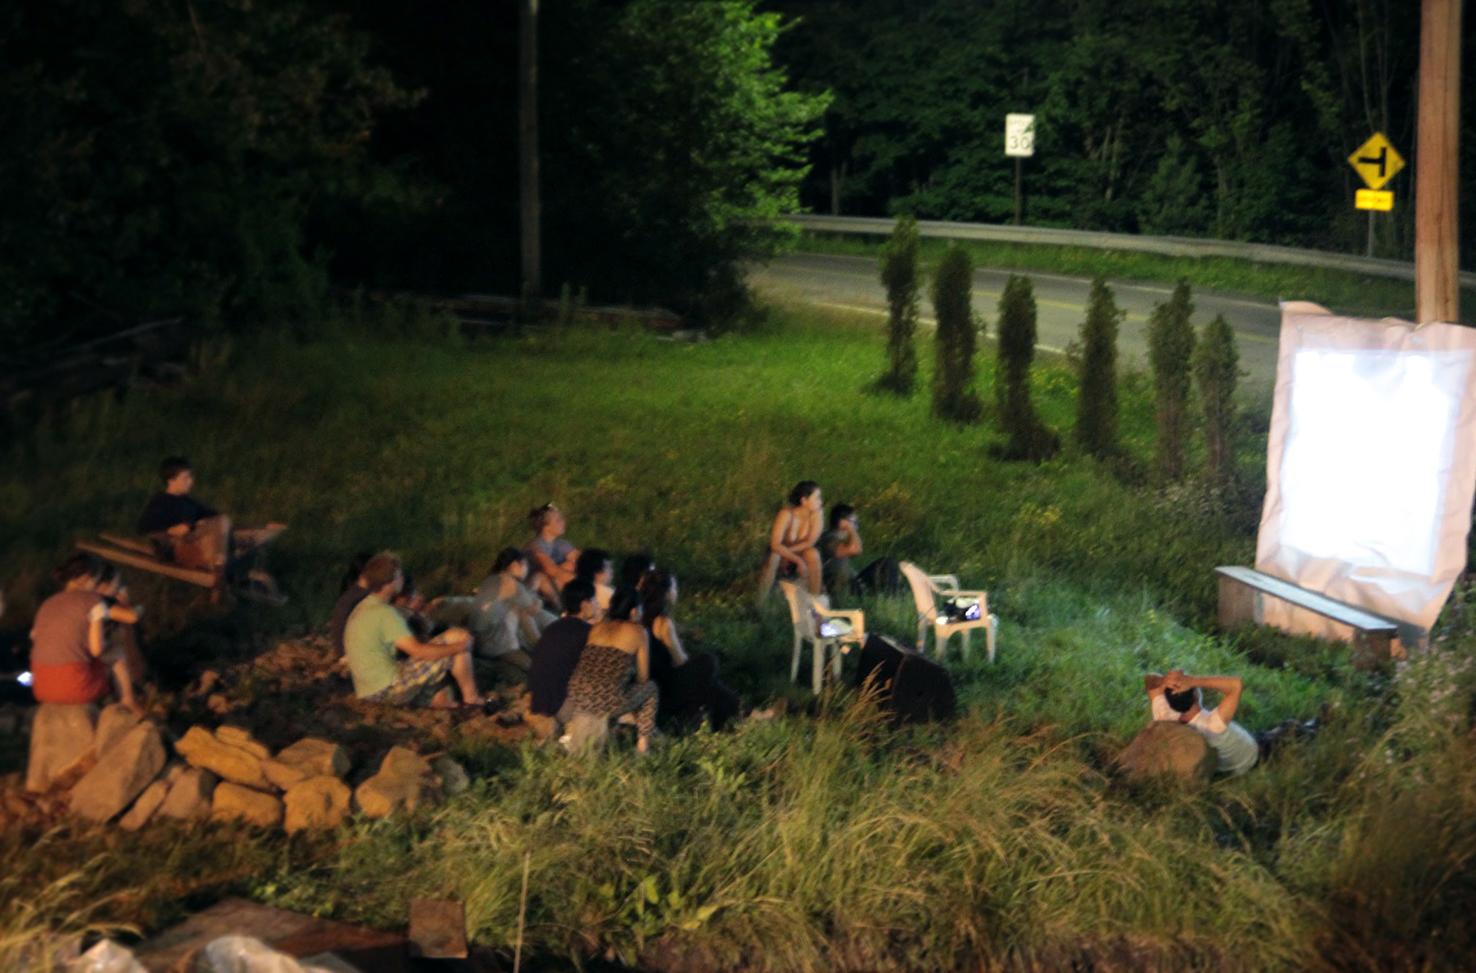 field_outside_group_people_film_screen_projection_01.jpg